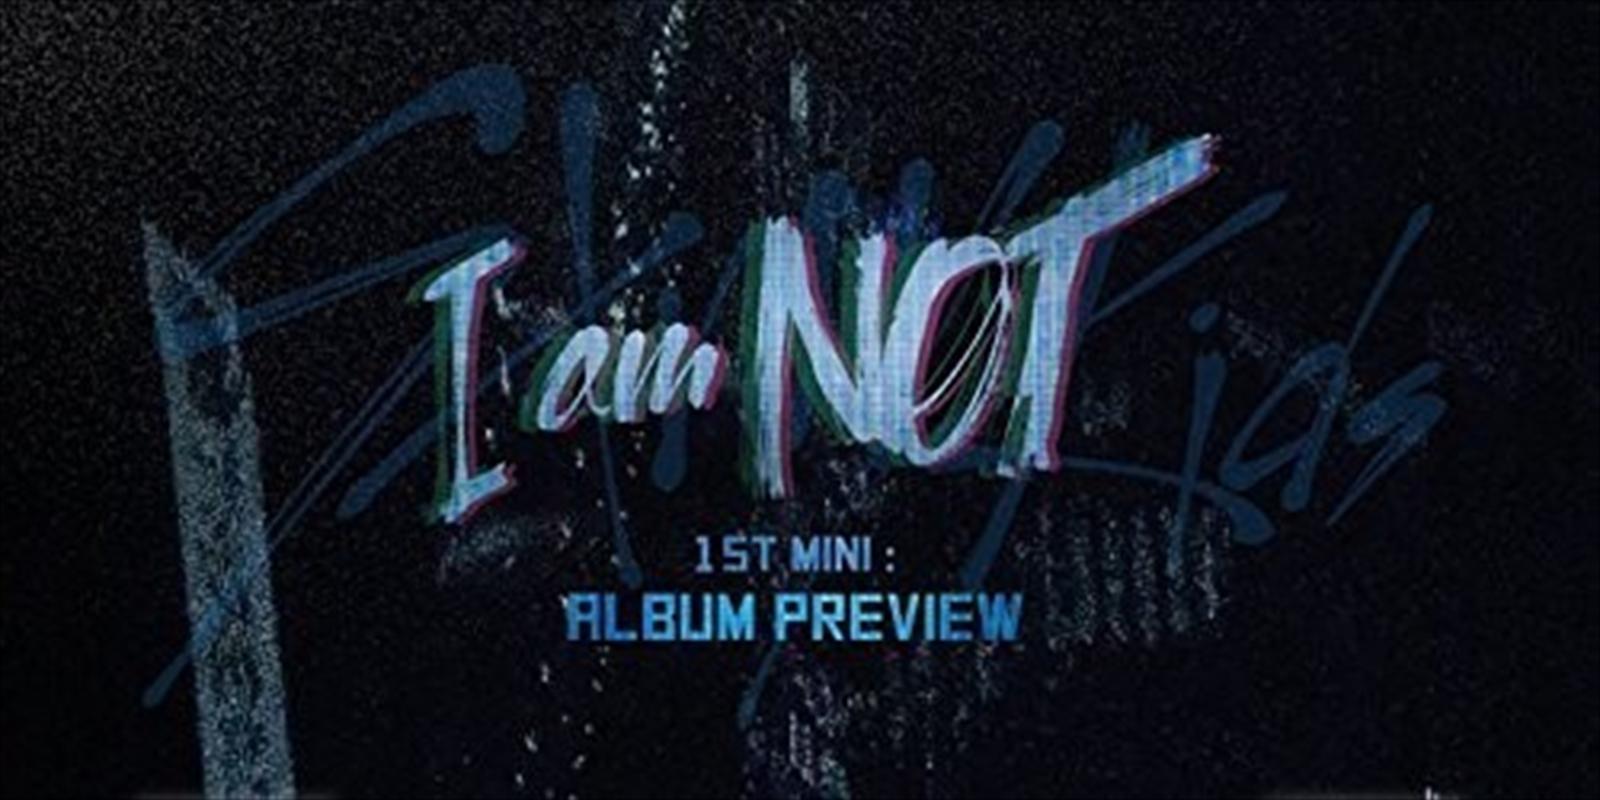 I Am Not | CD